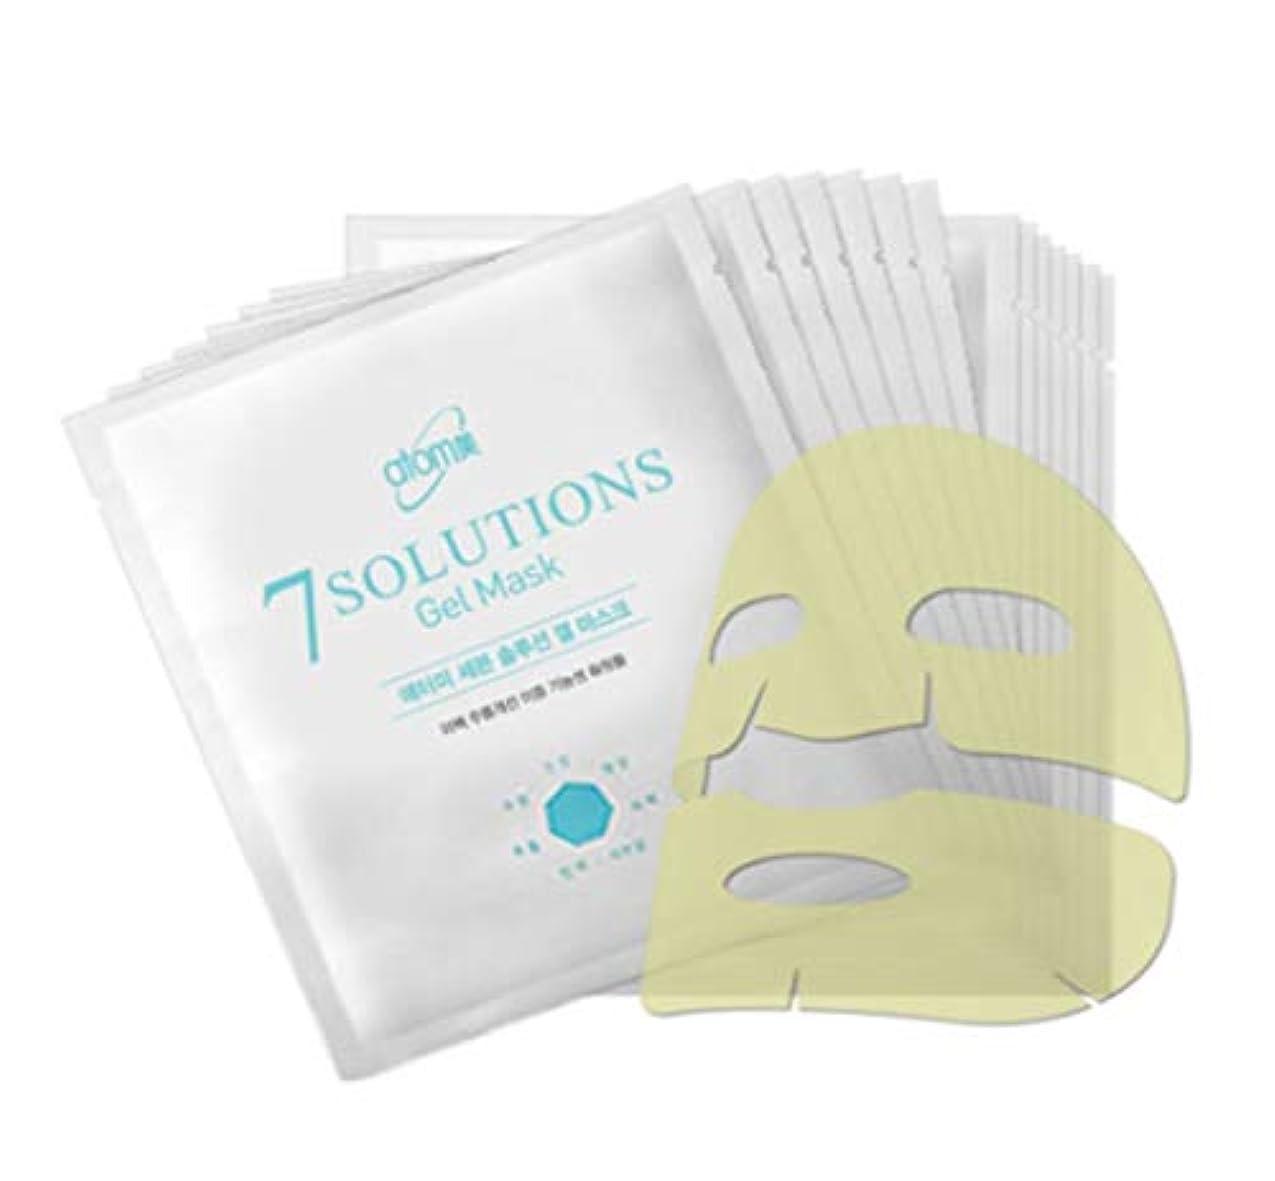 繰り返す篭マルコポーロAtomy アトミ 7 solution Gel Mask 25g X 14ea美白シワ改善二重機能性化粧品(並行輸入品)